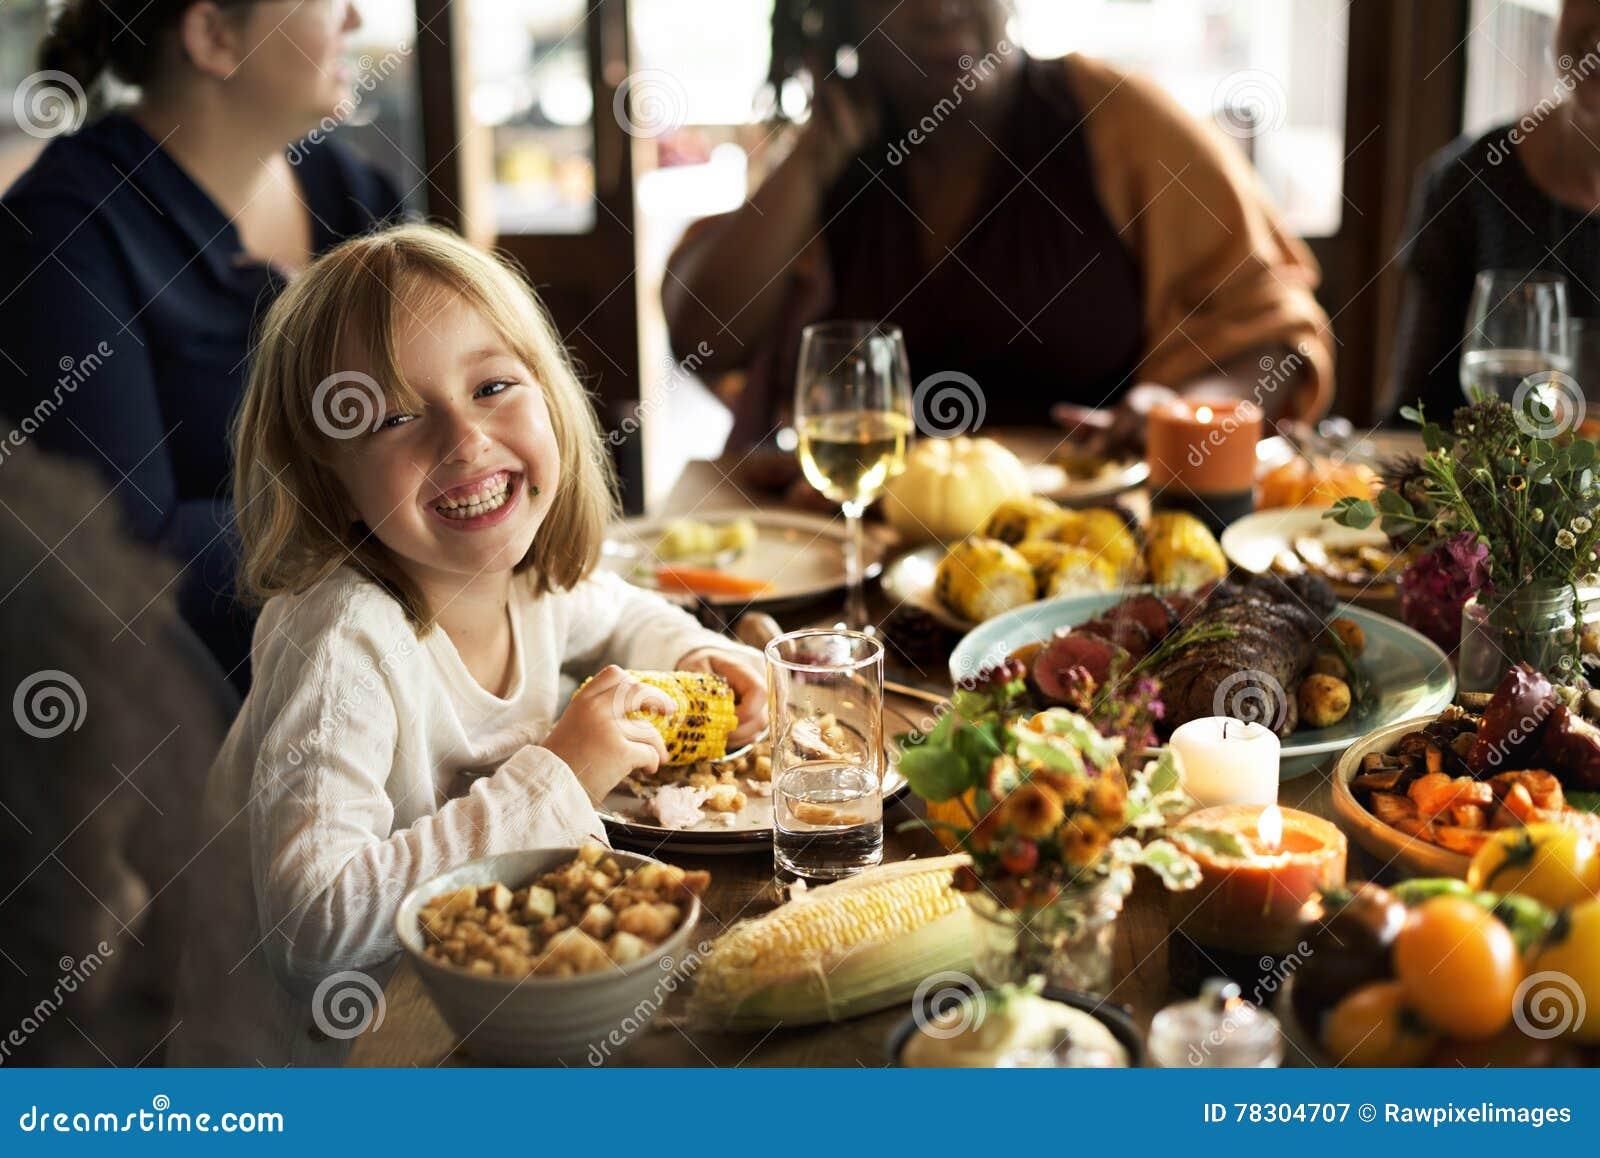 Μικρό κορίτσι που τρώει την έννοια εορτασμού ημέρας των ευχαριστιών καλαμποκιού